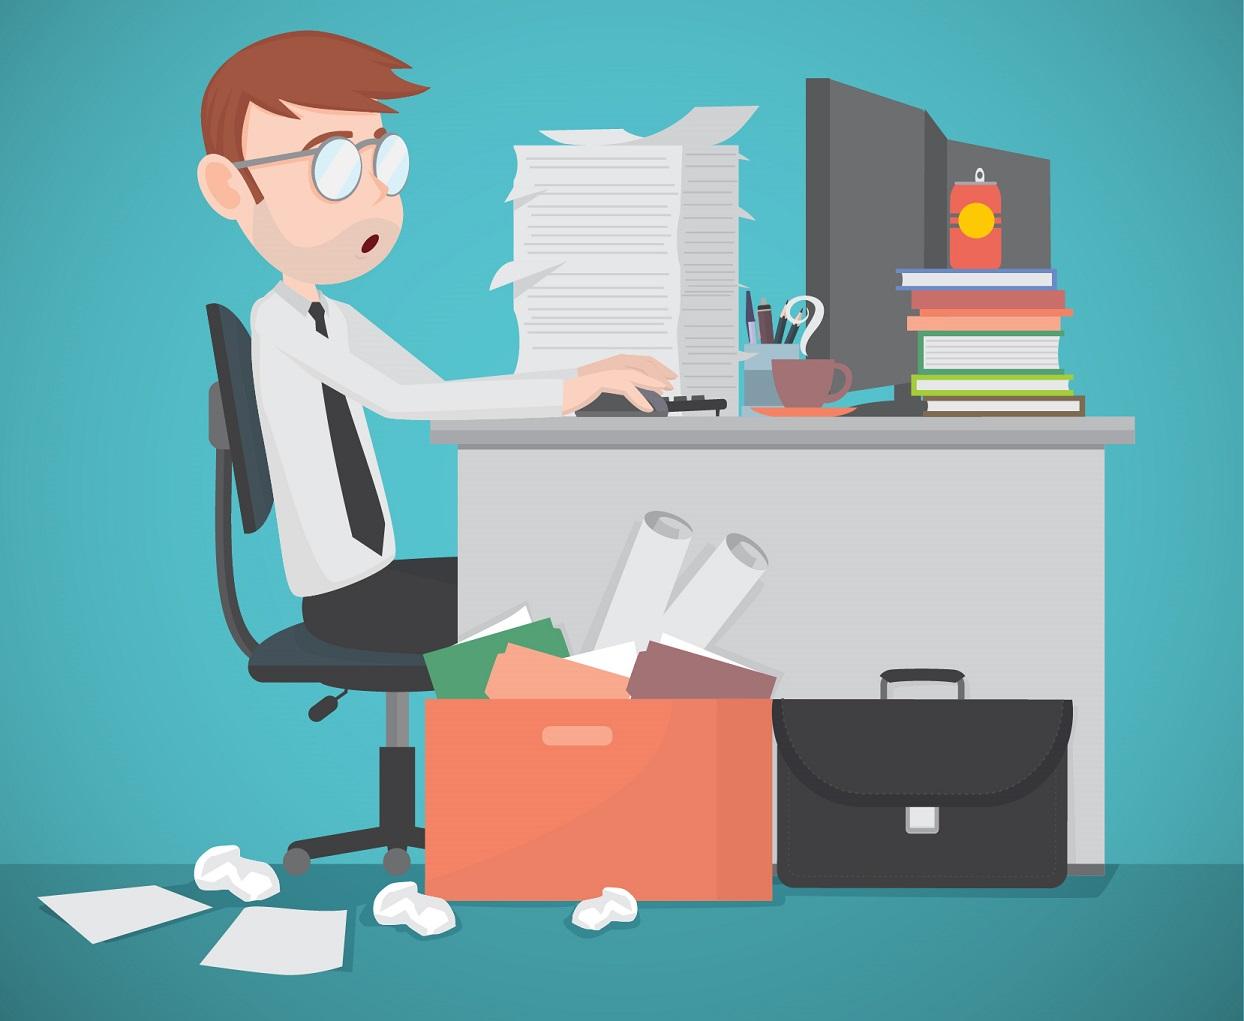 تکنیکهای مدیریت فردی در کسب و کار